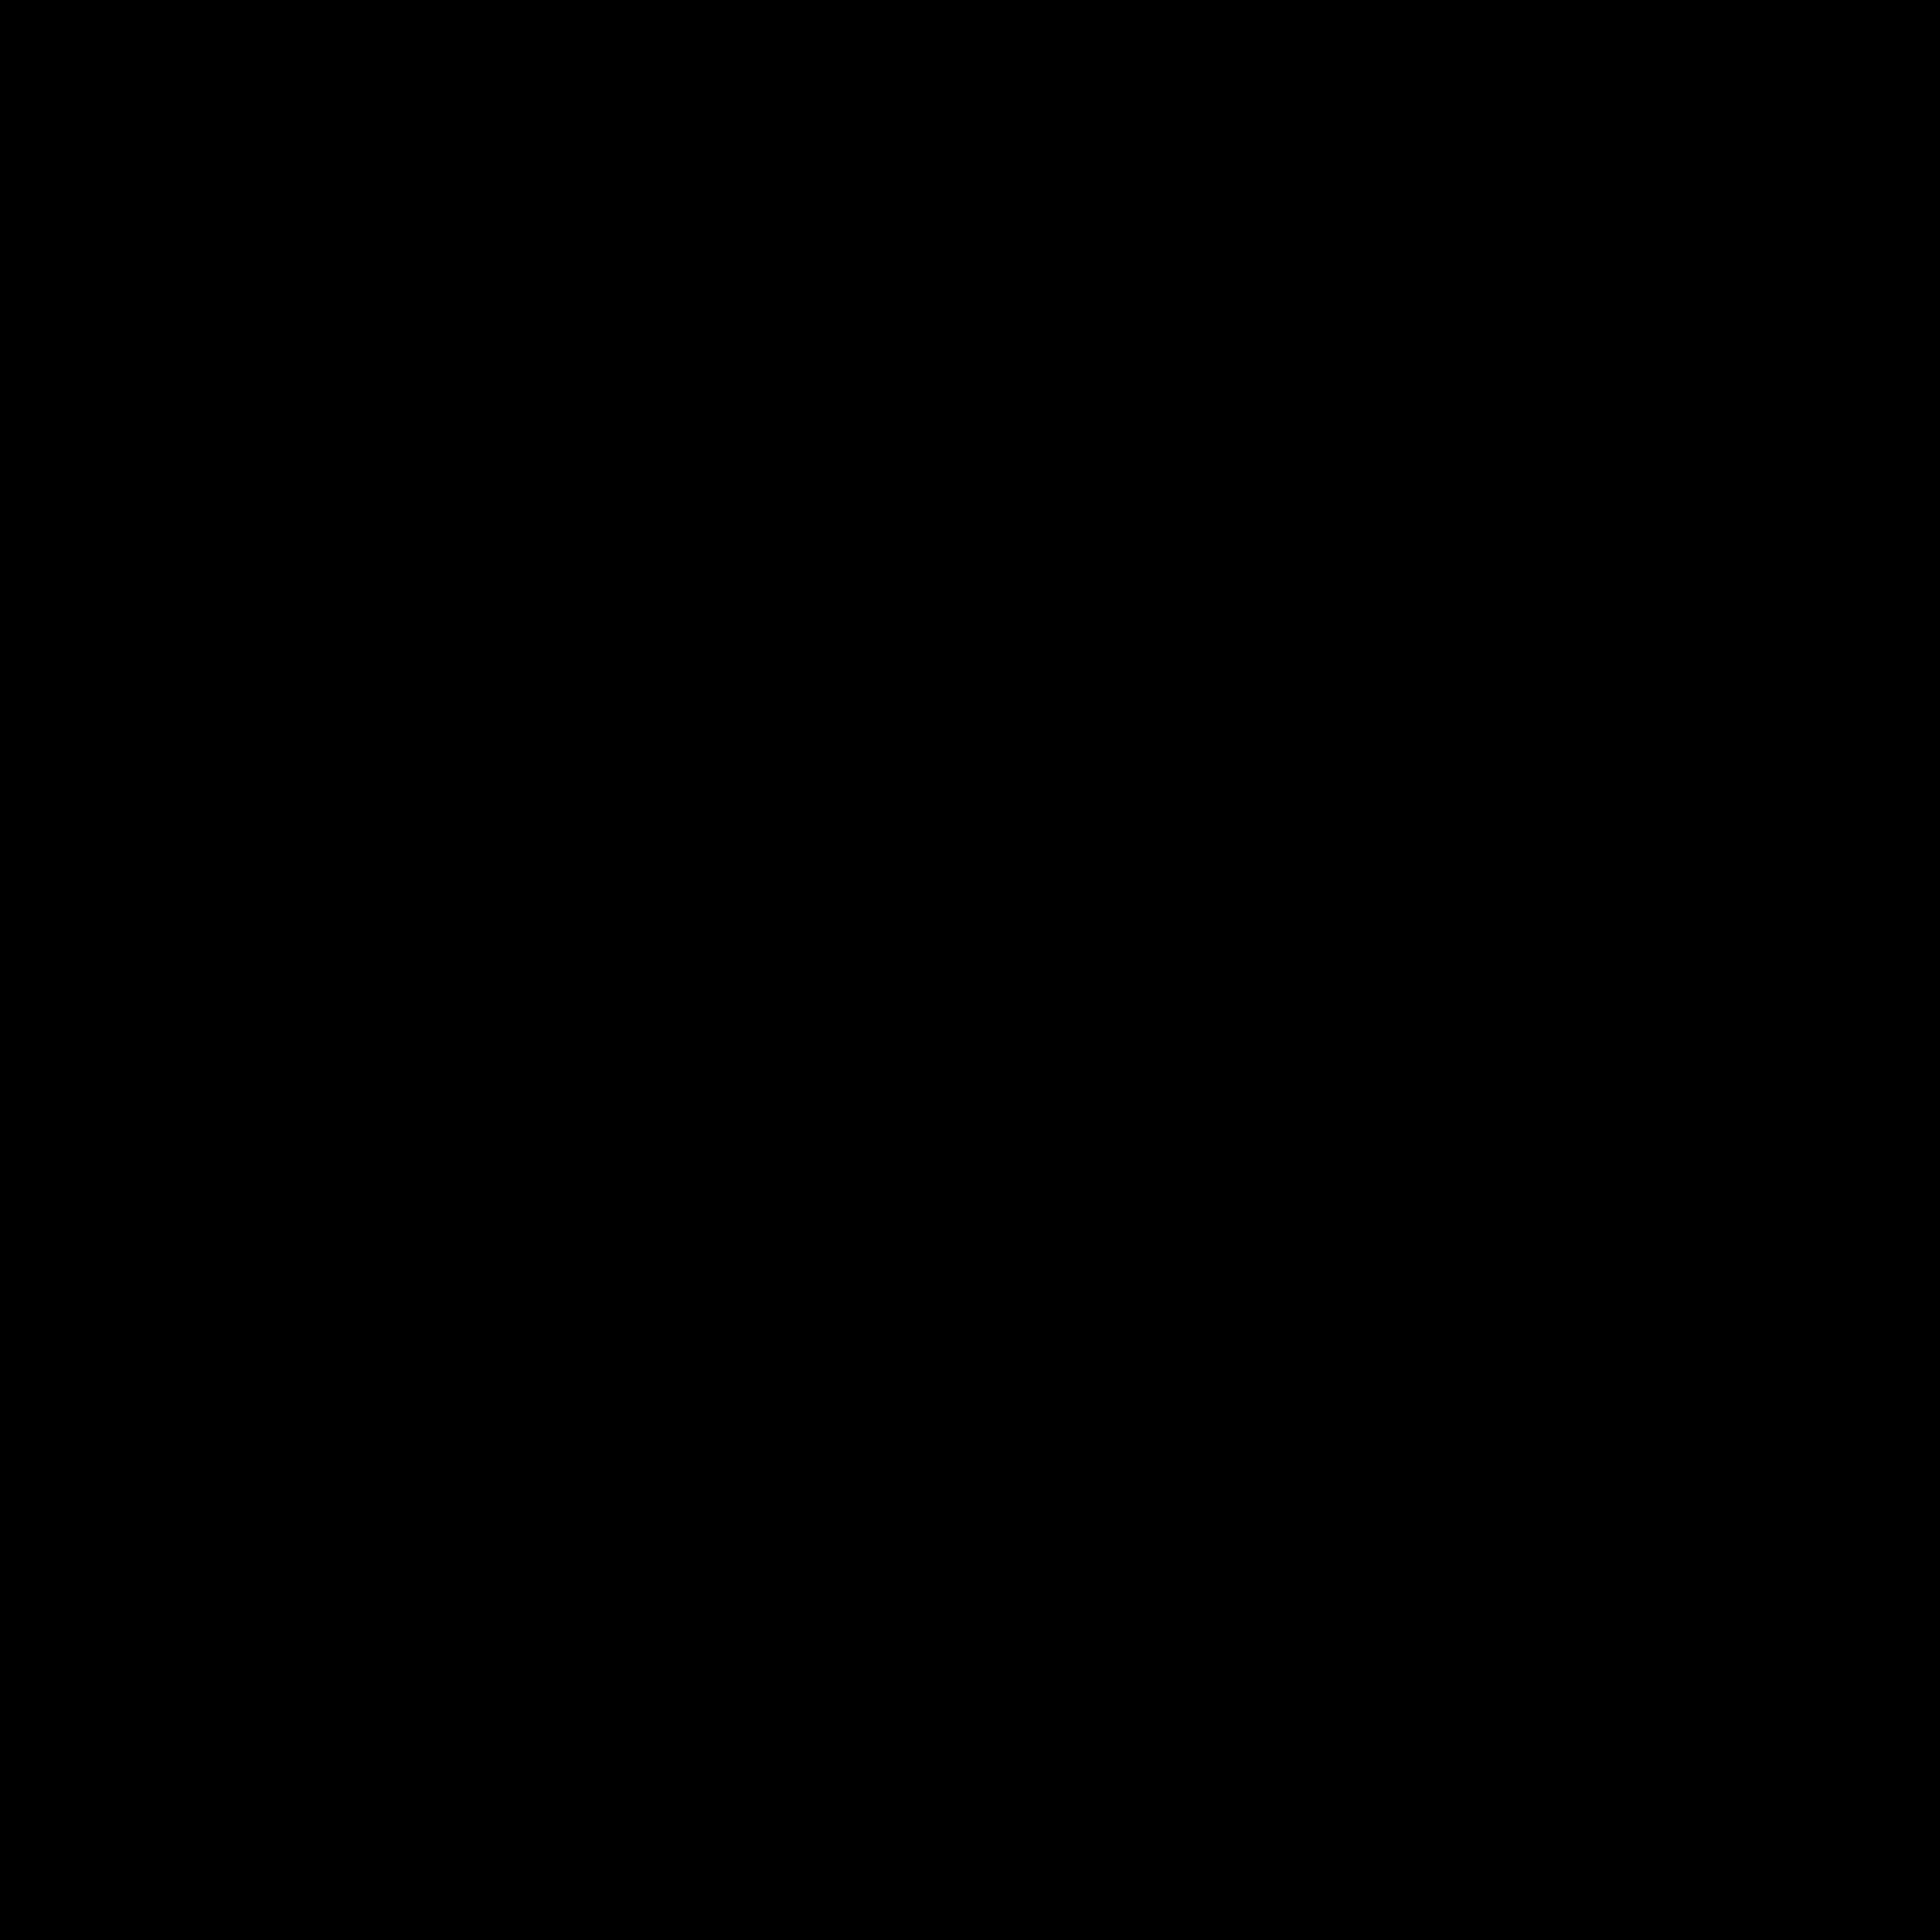 The Sportsman Drag Racing Podcast w/ Luke & Jed show art